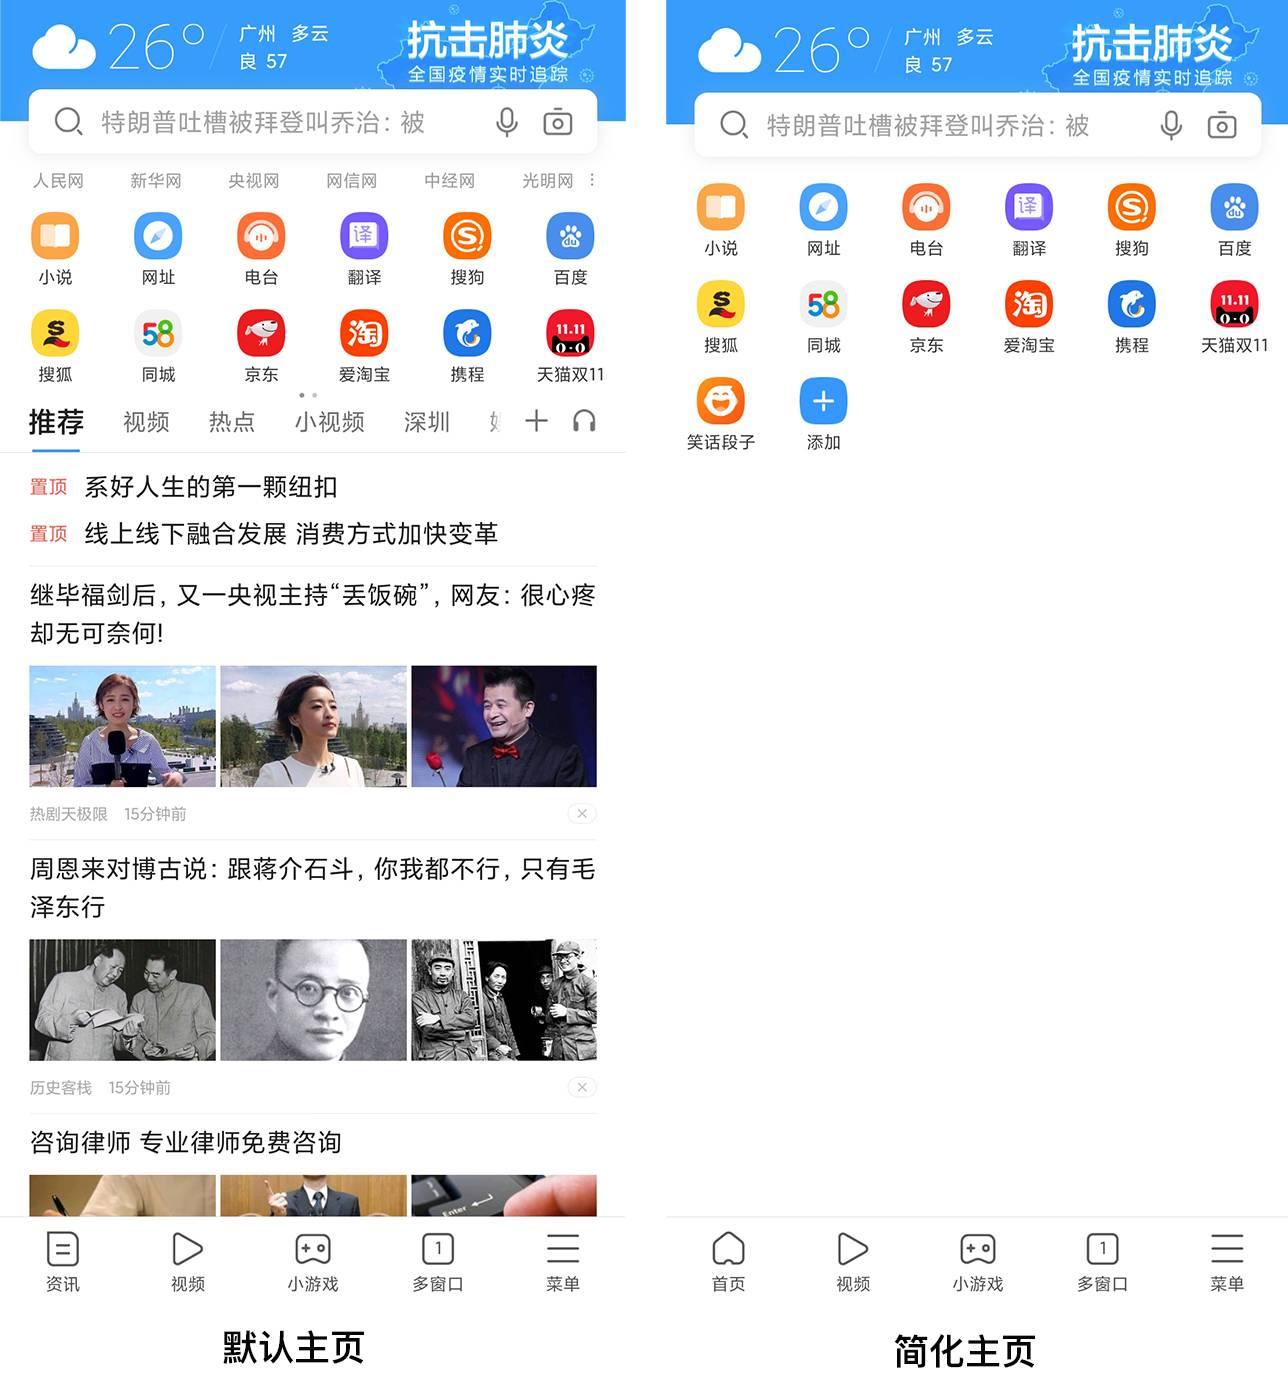 ▲ 搜狗、QQ 浏览器都可以关闭首屏信息流,但也仅限于此了